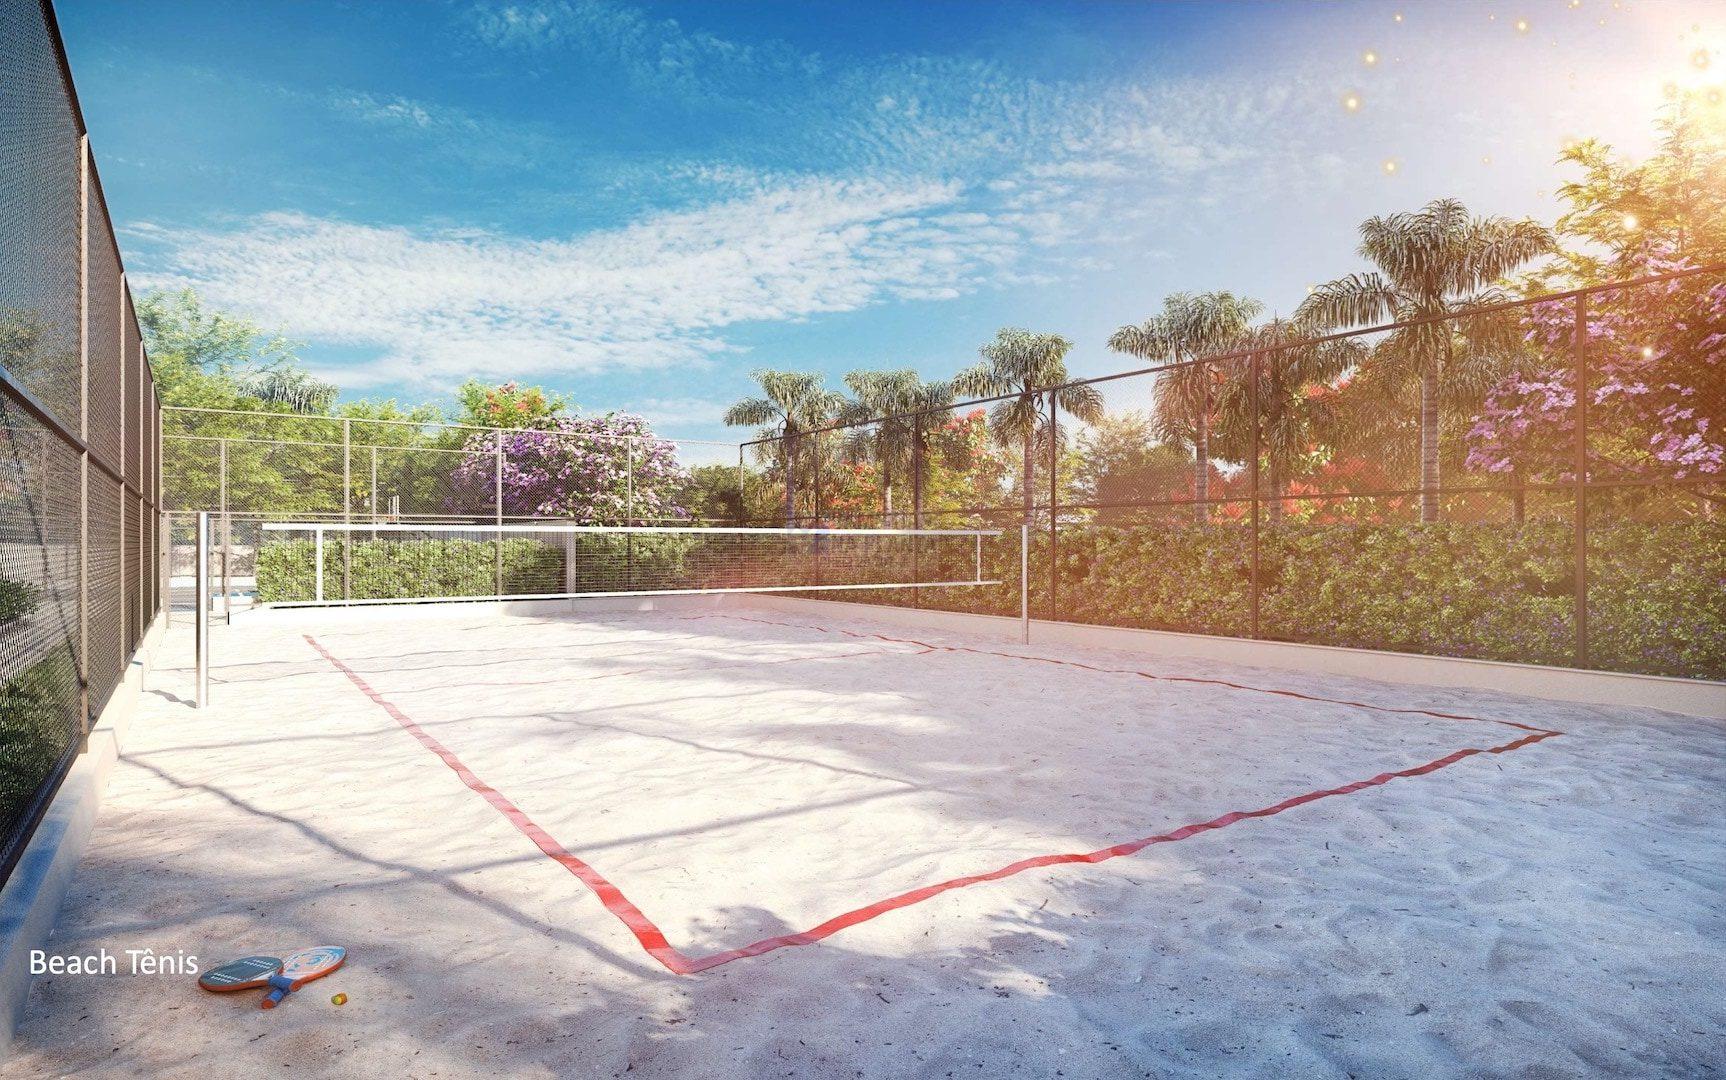 Living Grand Wish Nova Campinas Beach Tenis